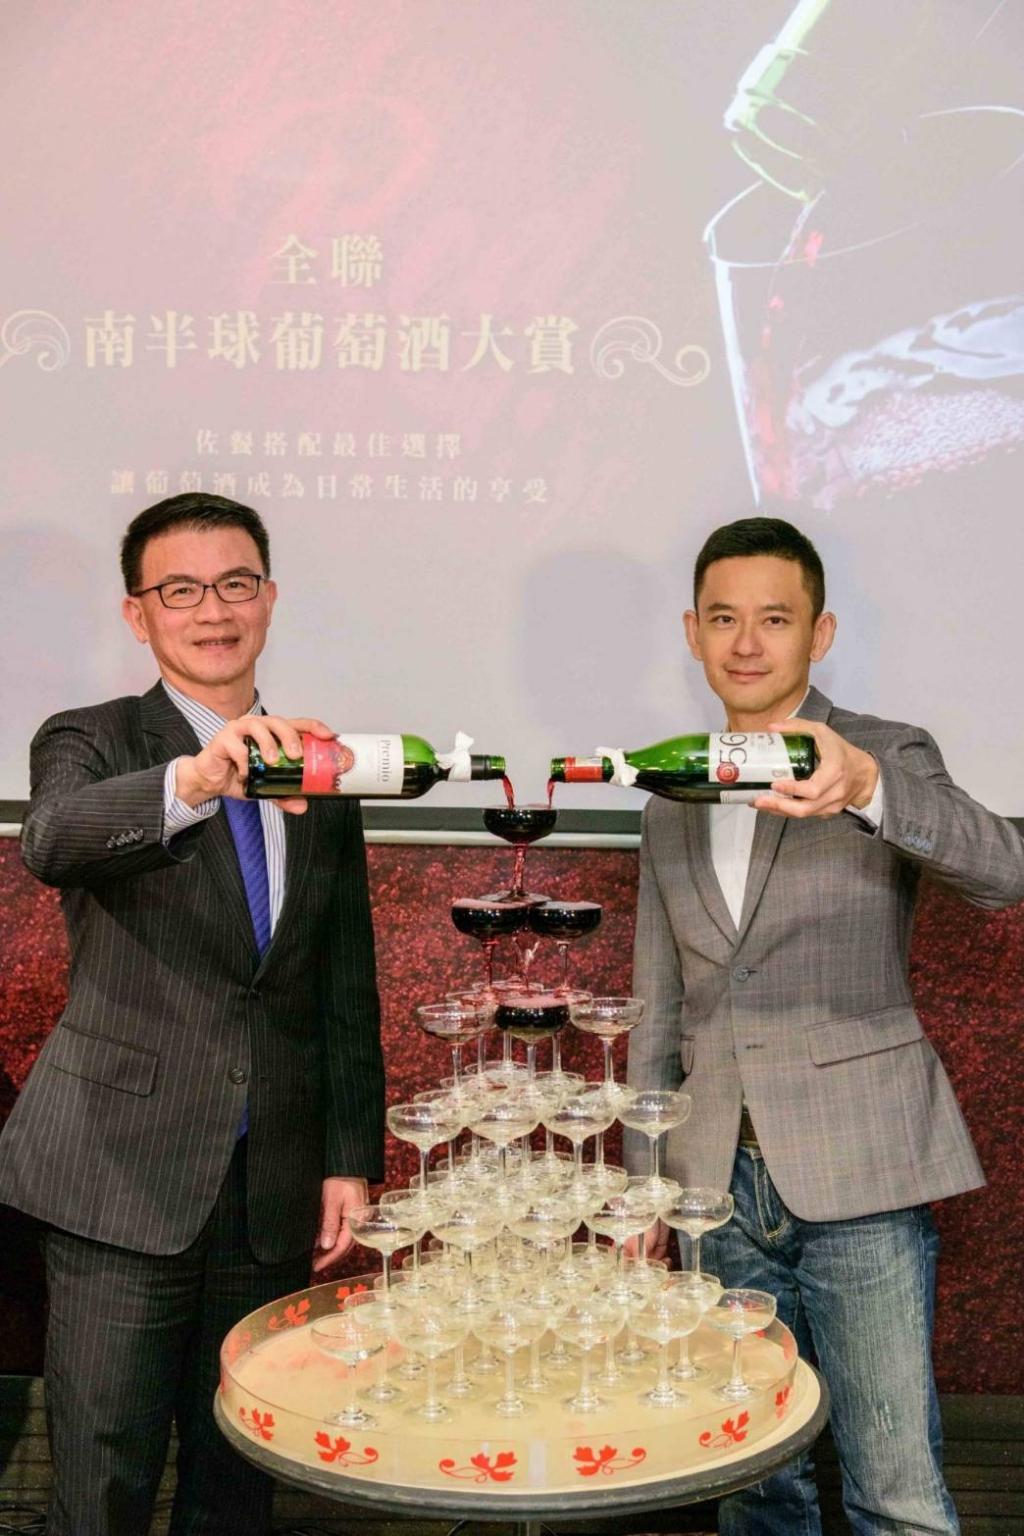 全聯搶先推出「南半球葡萄酒大賞」,全聯營運長蔡篤昌(左)與品酒師林才右(右)一起倒紅酒塔,象徵「紅金」的葡萄酒涓涓流下。